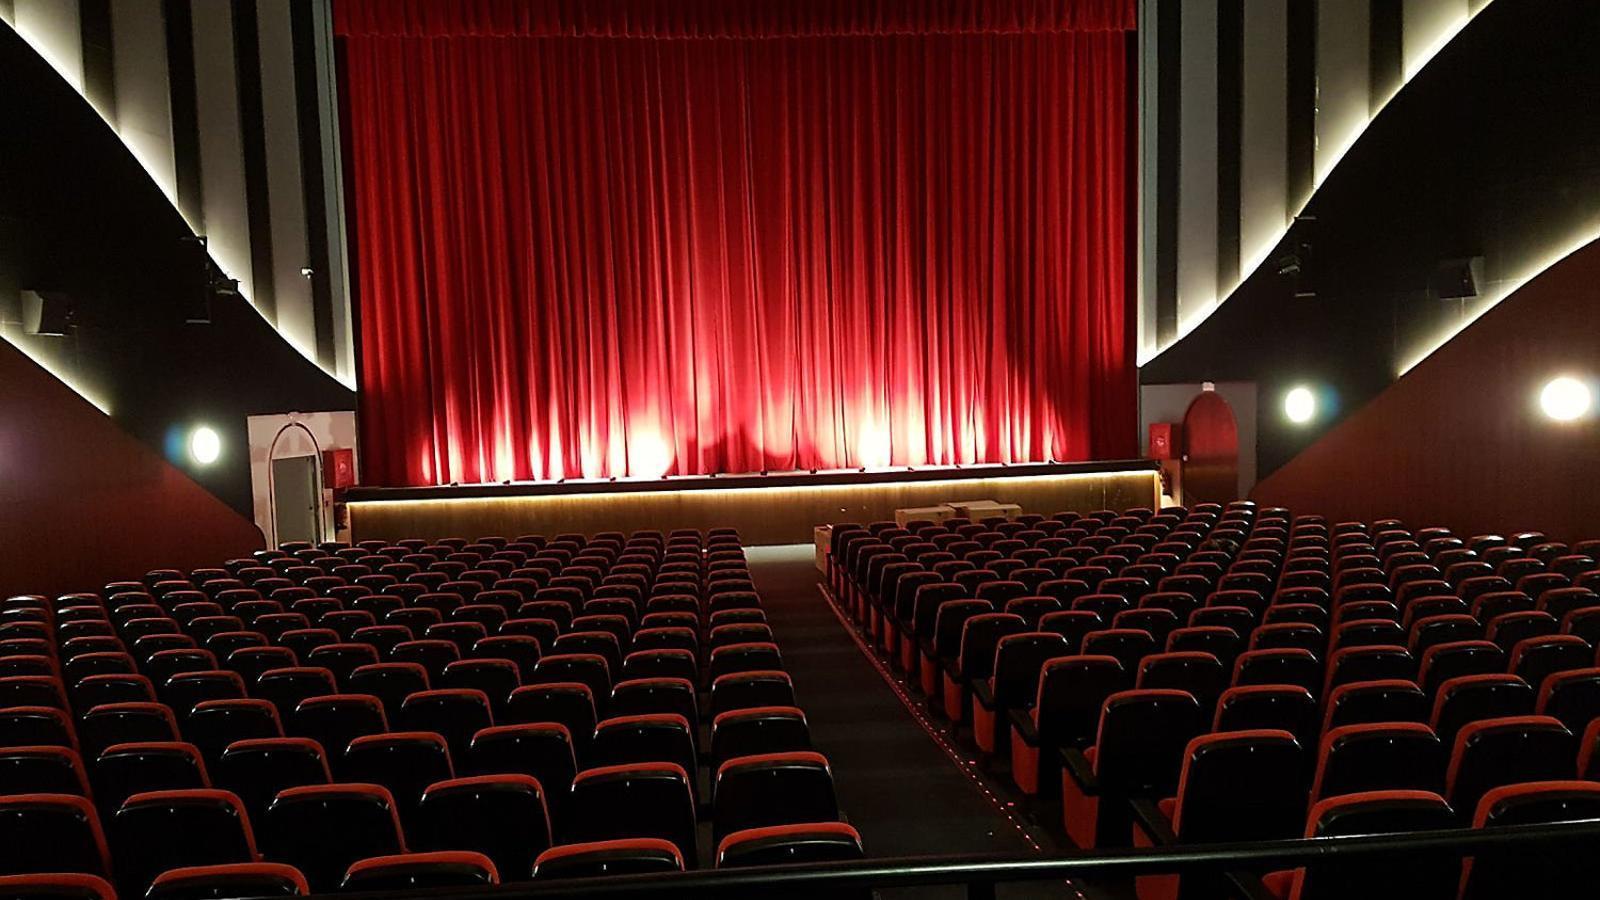 El cinema té una sala de gairebé 500 localitats.